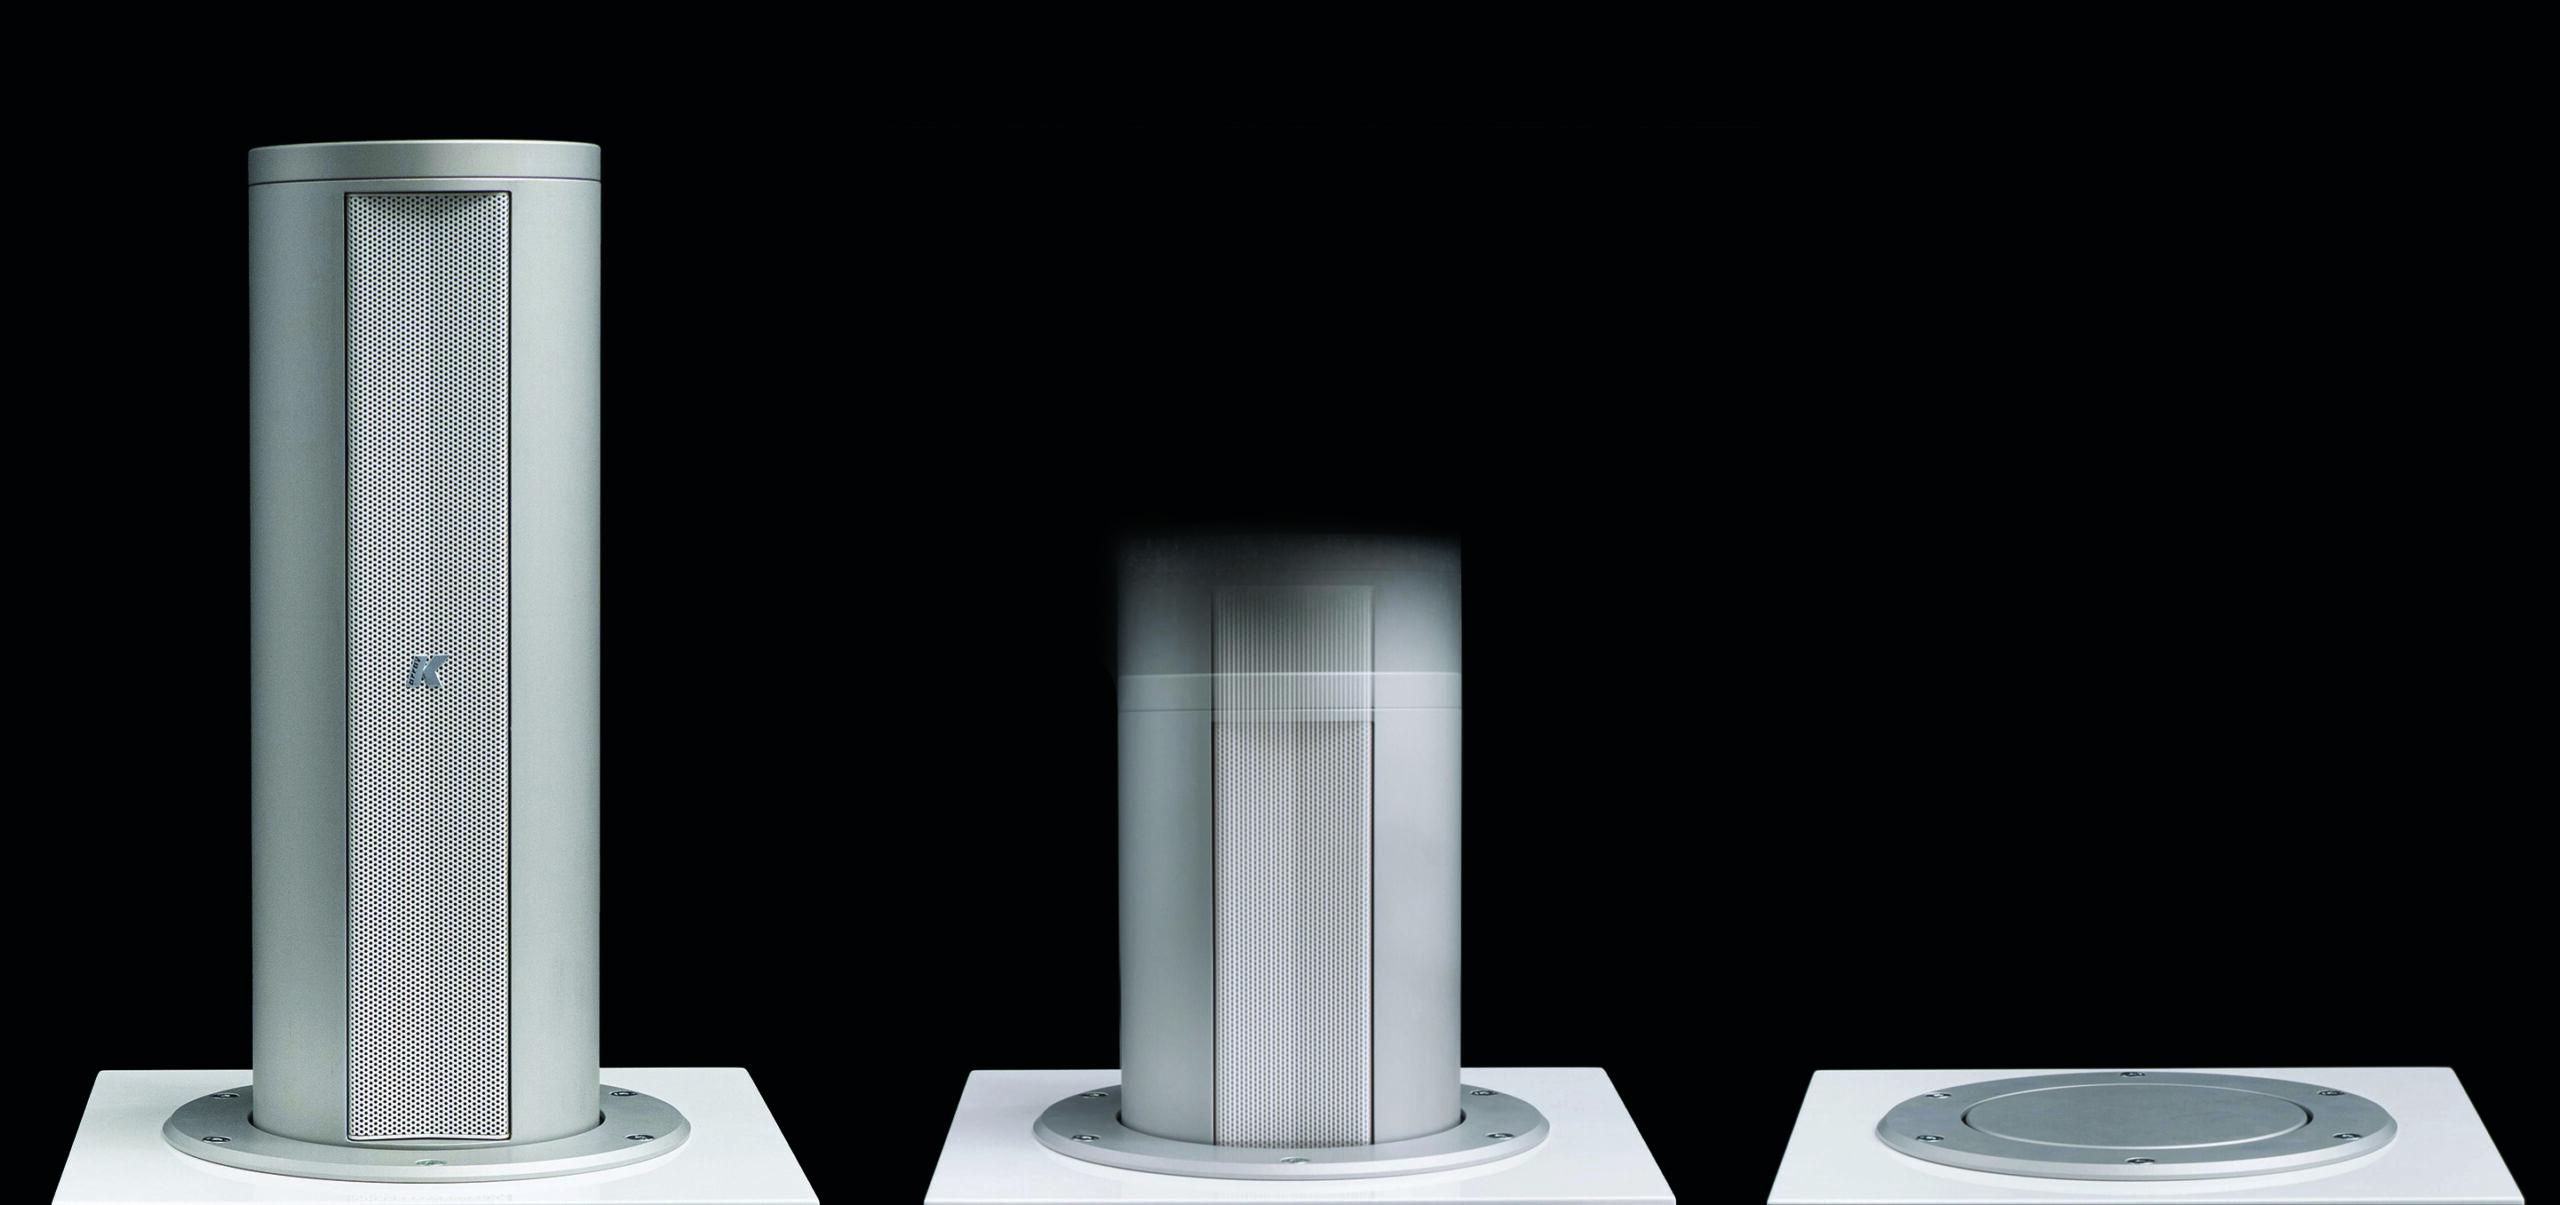 Videoworks pop up speaker product shot